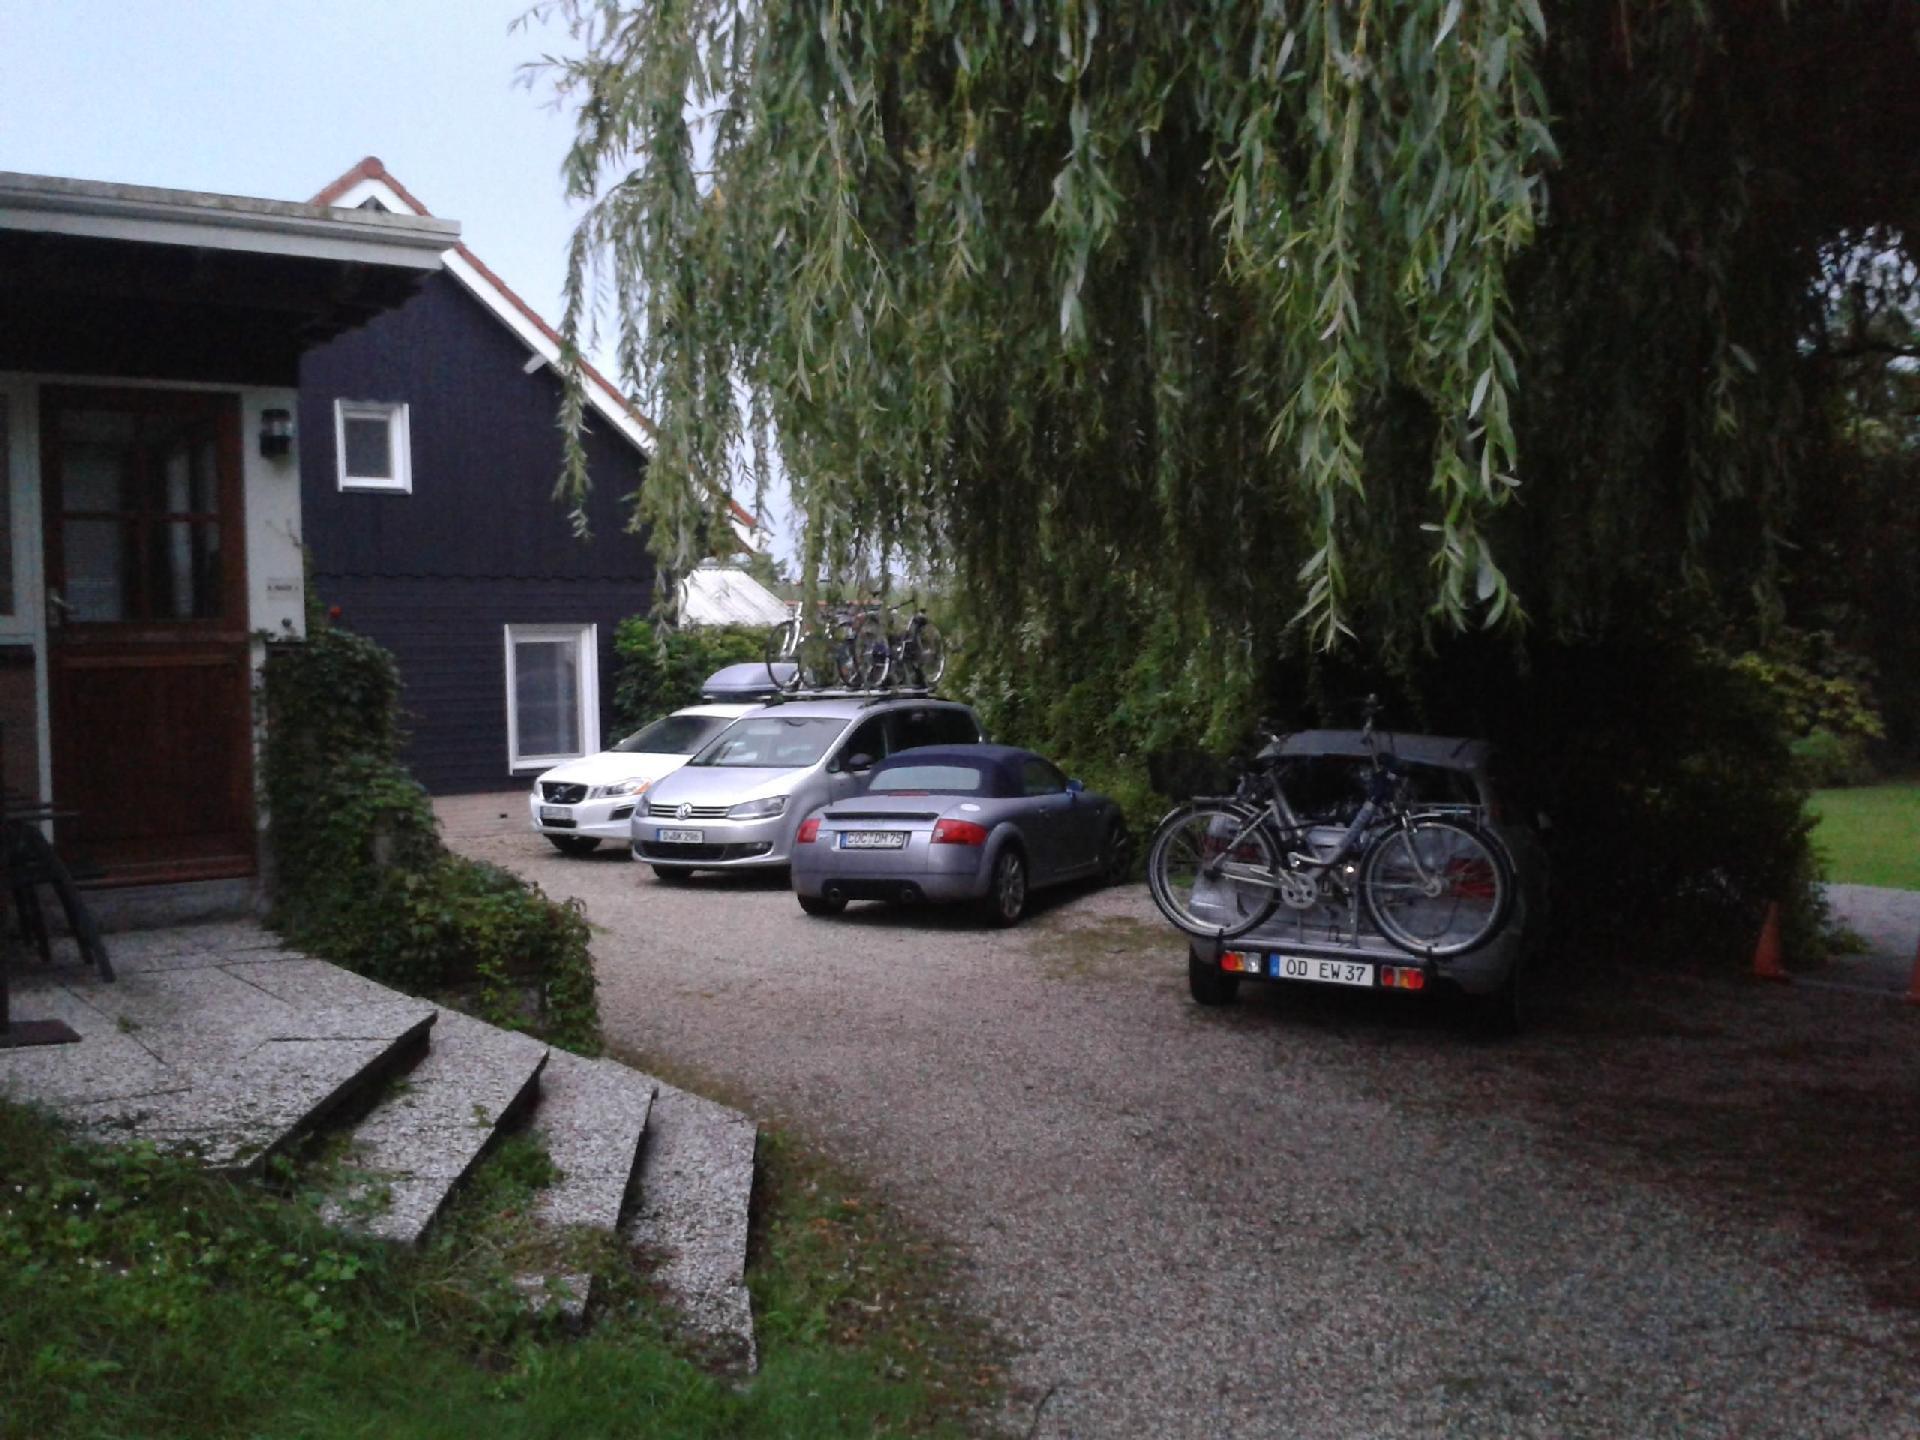 Ferienhaus für 20 Personen ca 230 m² in Wissenkerke Zeeland Küste von Zeeland